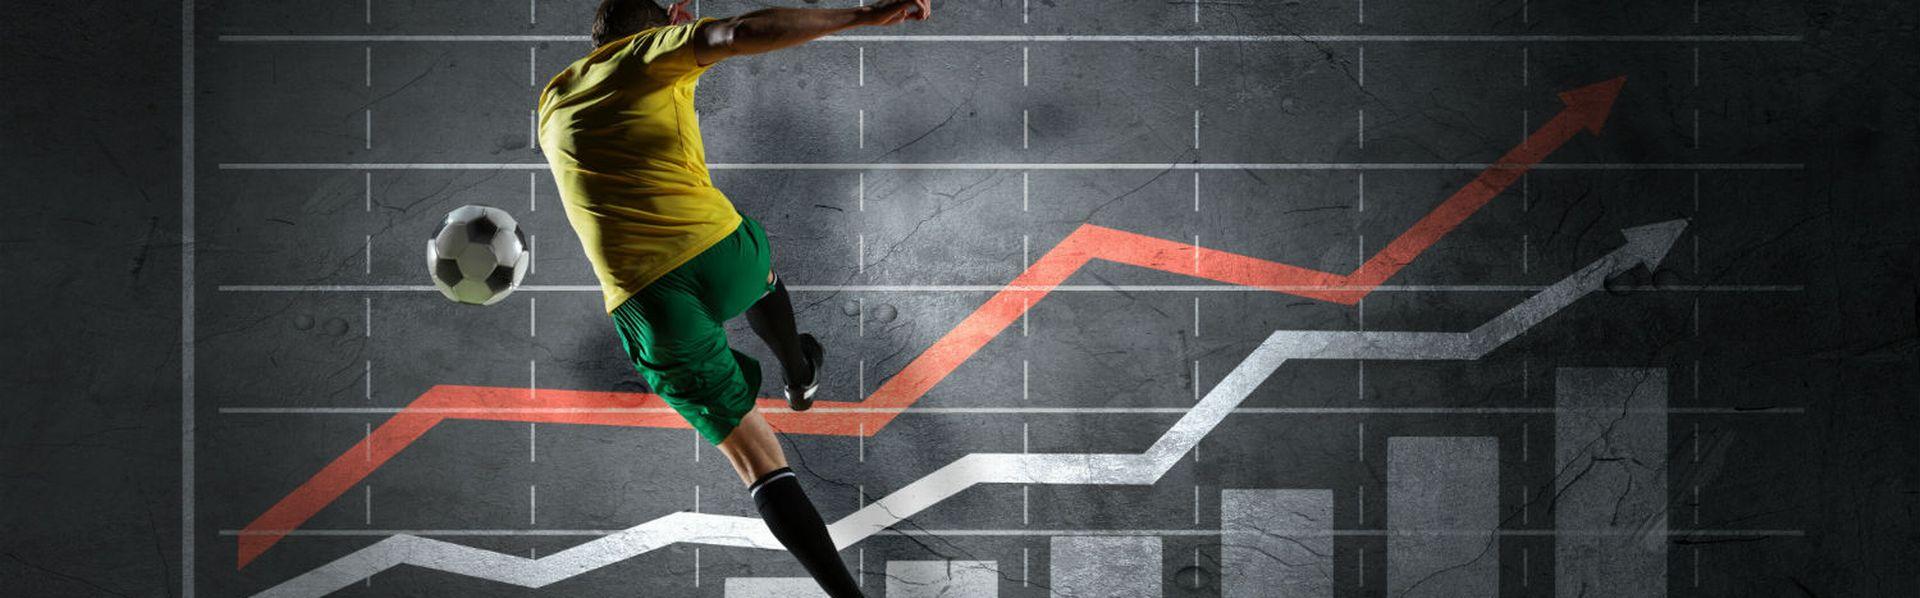 Le dossier sur le foot et les statistiques de RTS Découverte [© Sergey Nivens - Fotolia]